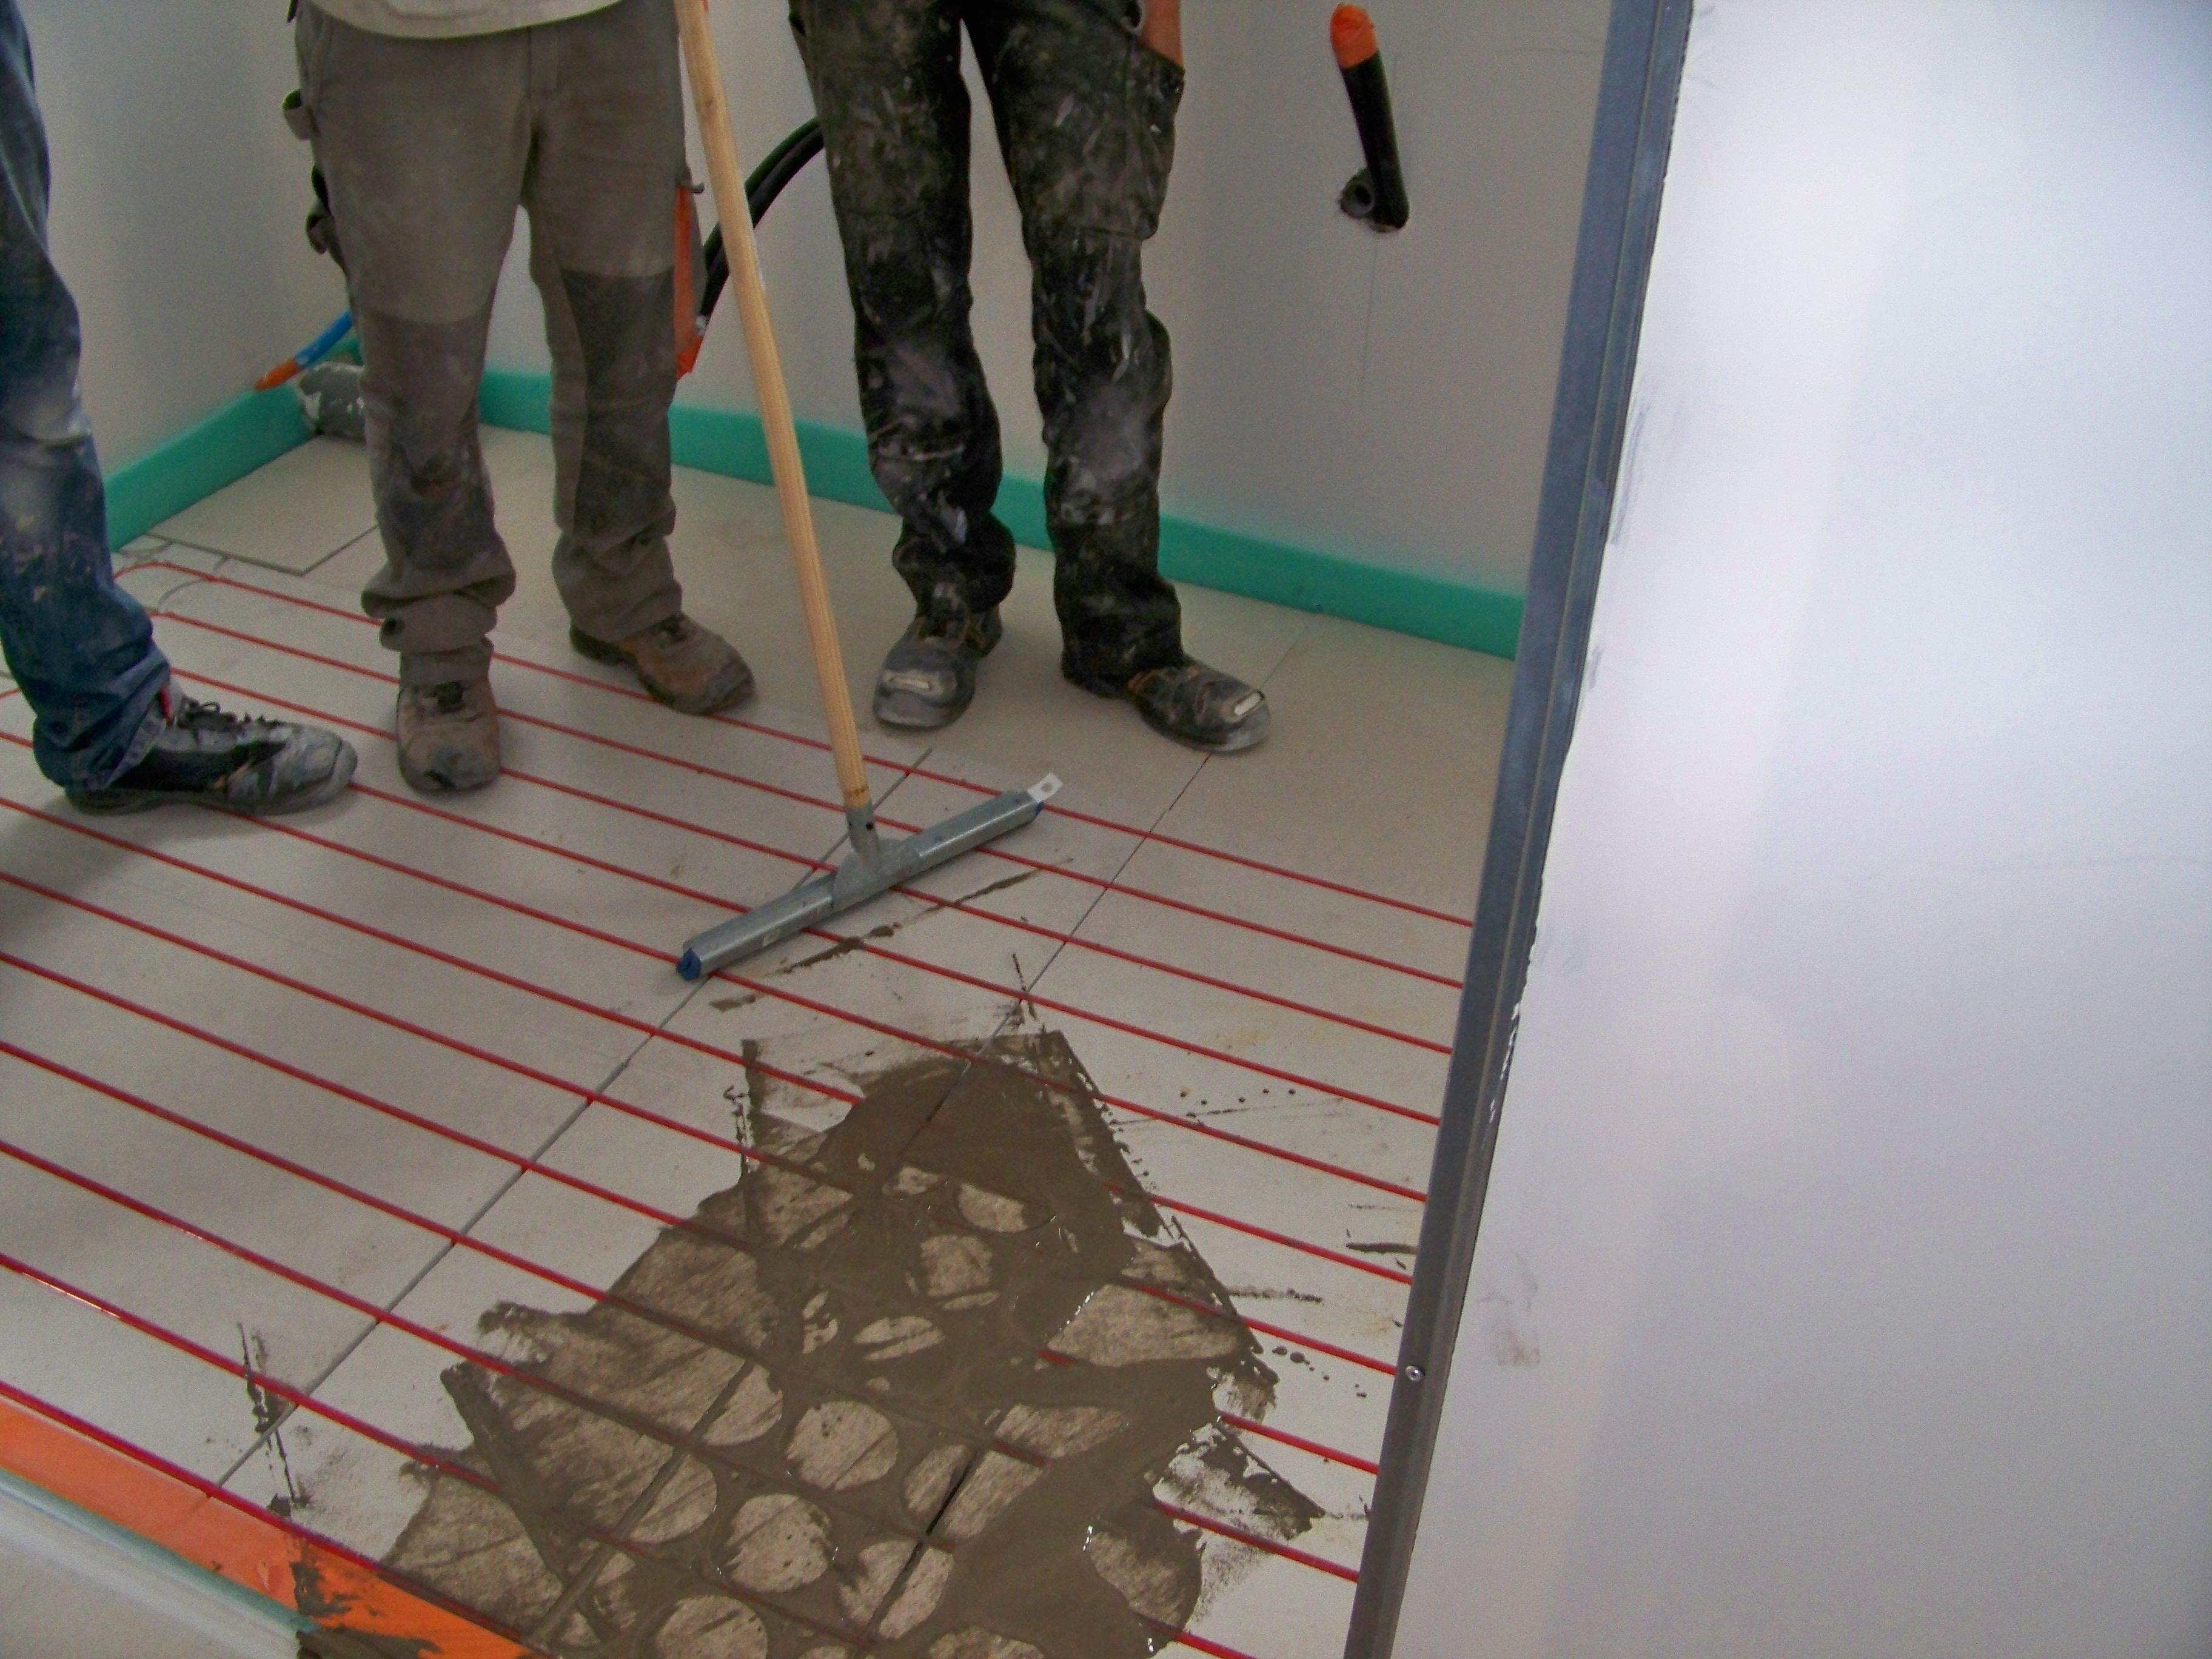 Carrelage Sur Plancher Chauffant Basse Temperature raysol, chauffage hydraulique par le sol de la société technolim